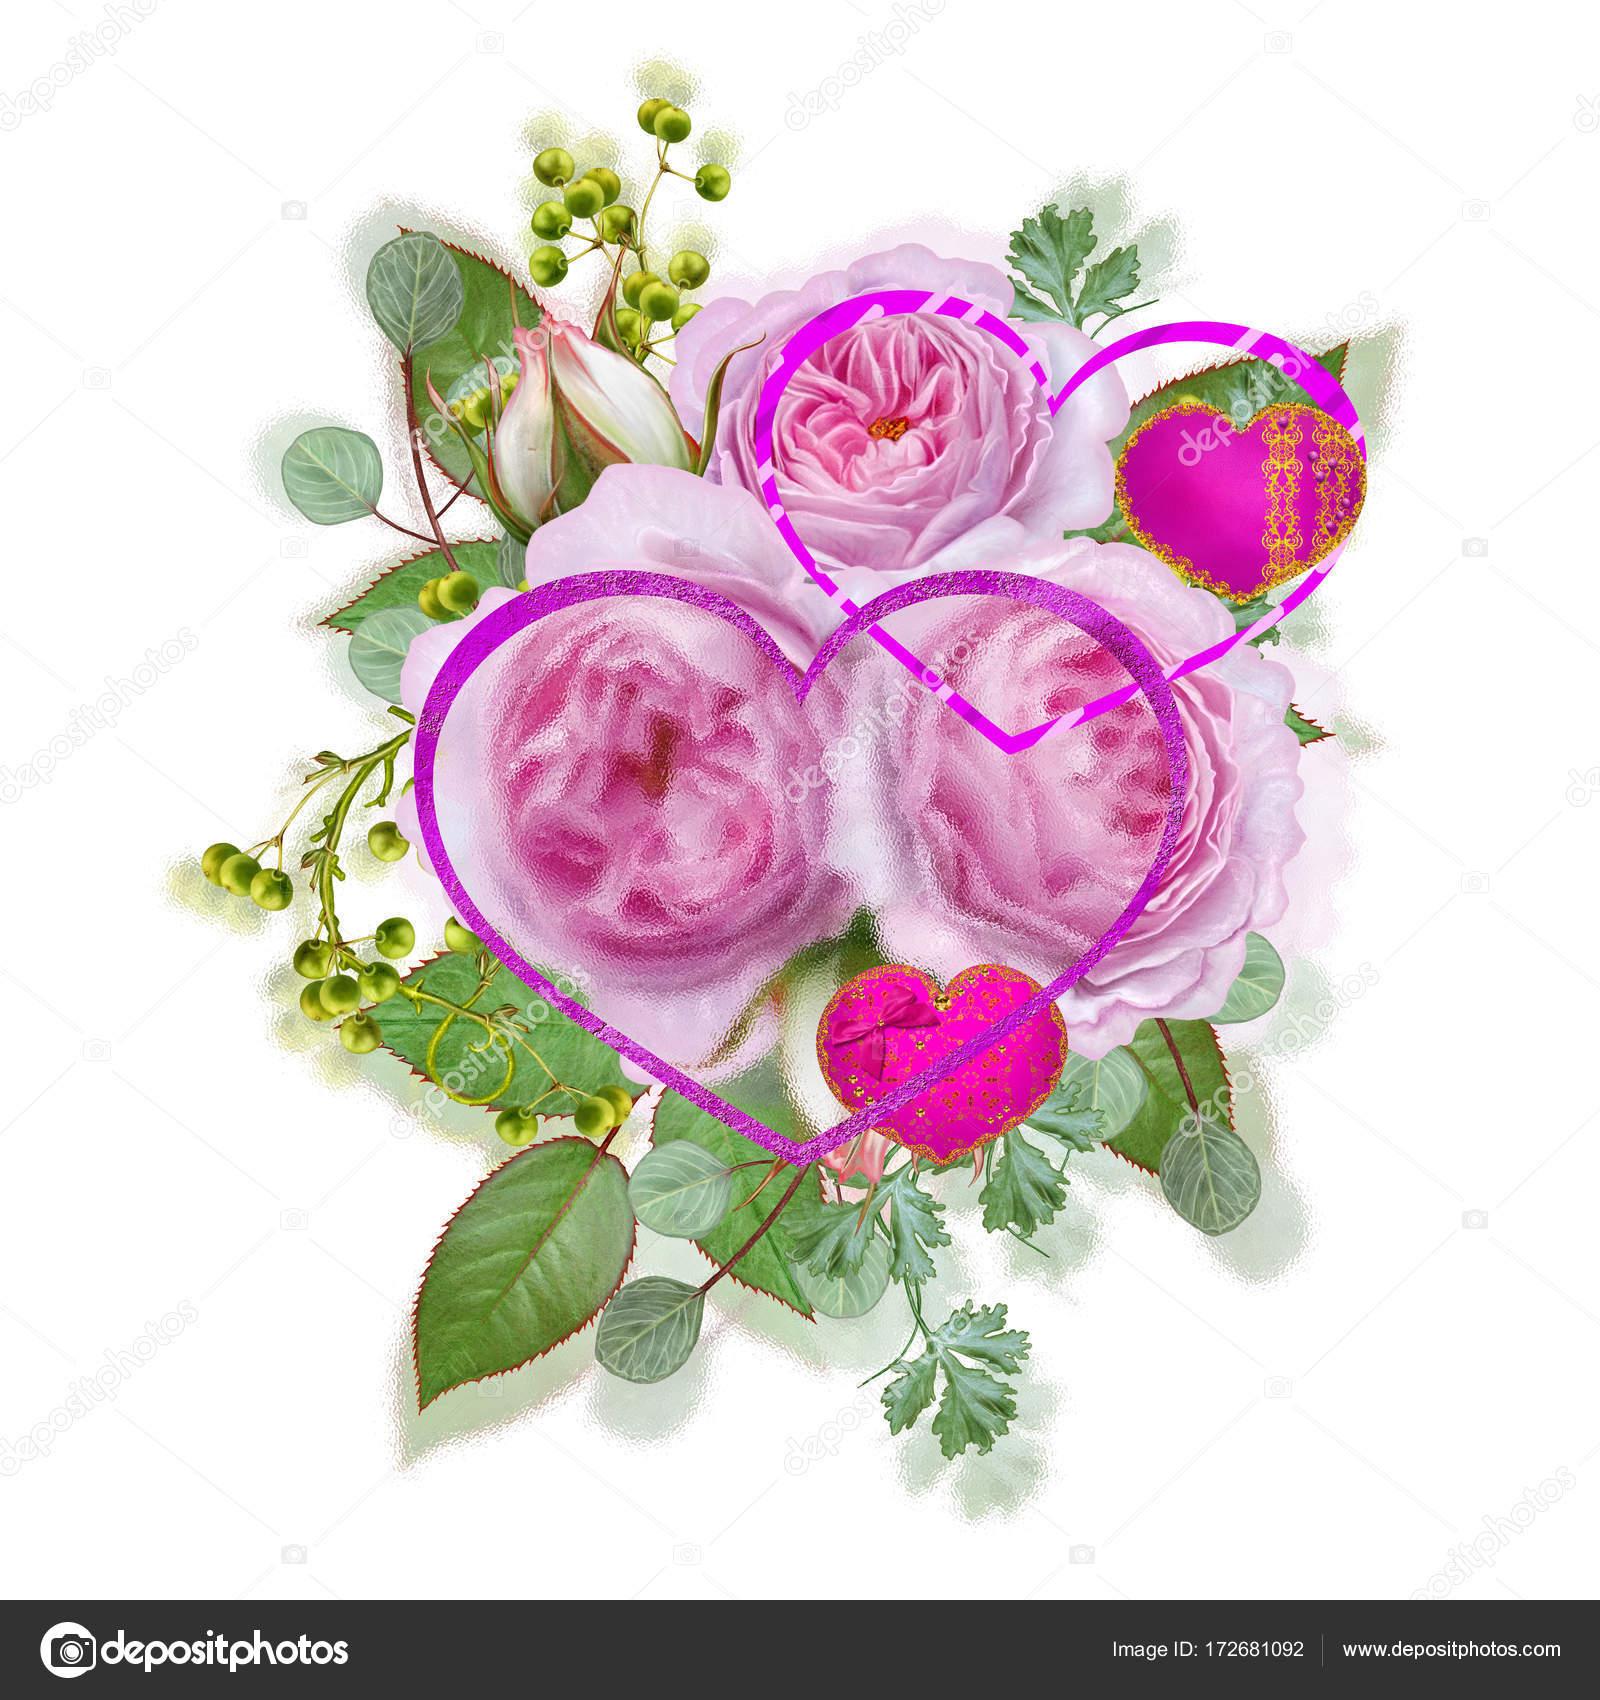 Открытка с благодарностью цветы и ягоды в букете 36